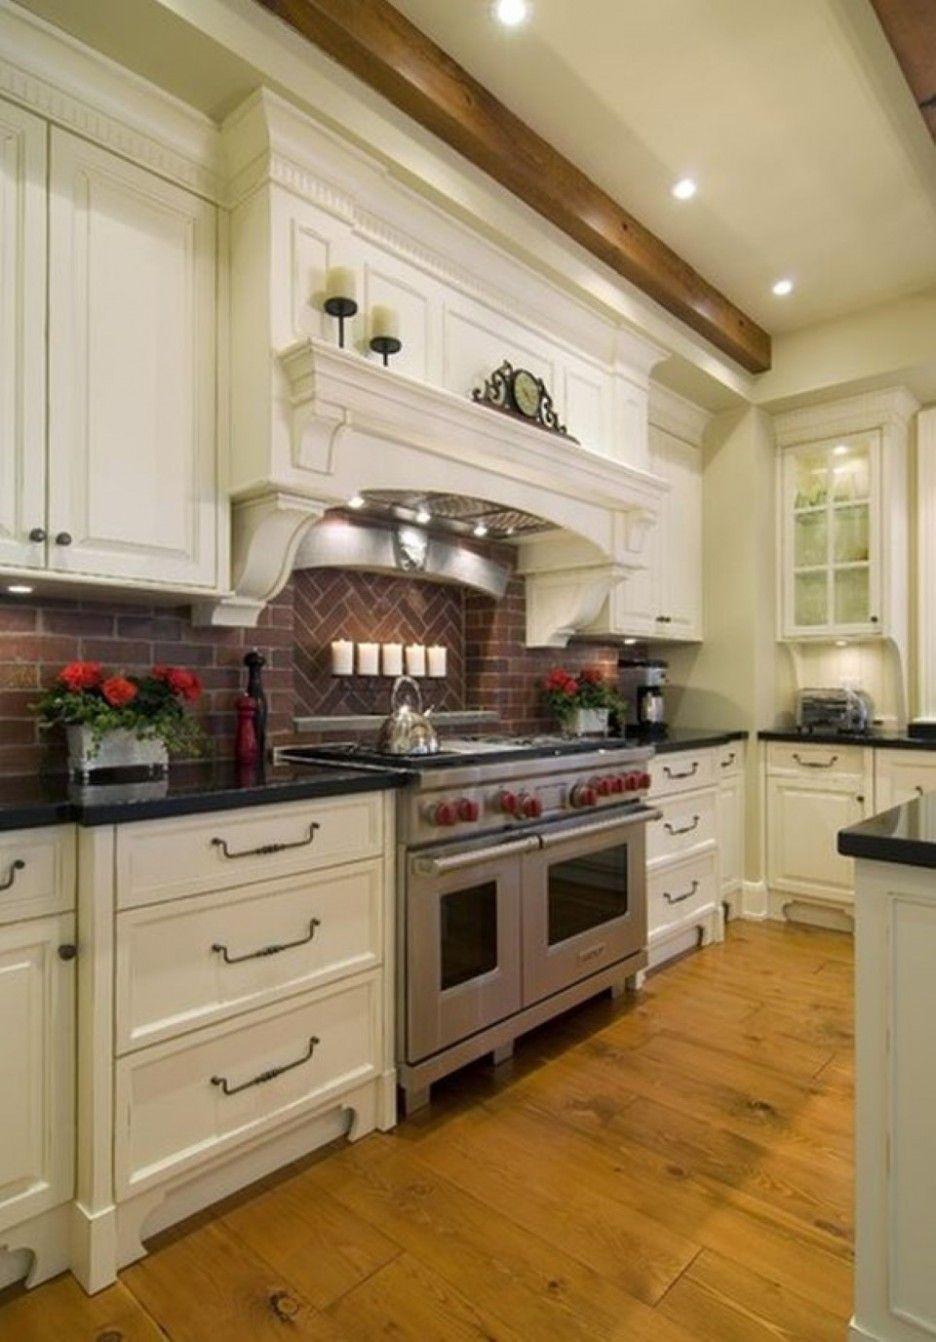 Kitchen Backsplash Ideas Black Granite Countertops White Cabinets Traditional Kitchen Design Brick Backsplash Kitchen Kitchen Design